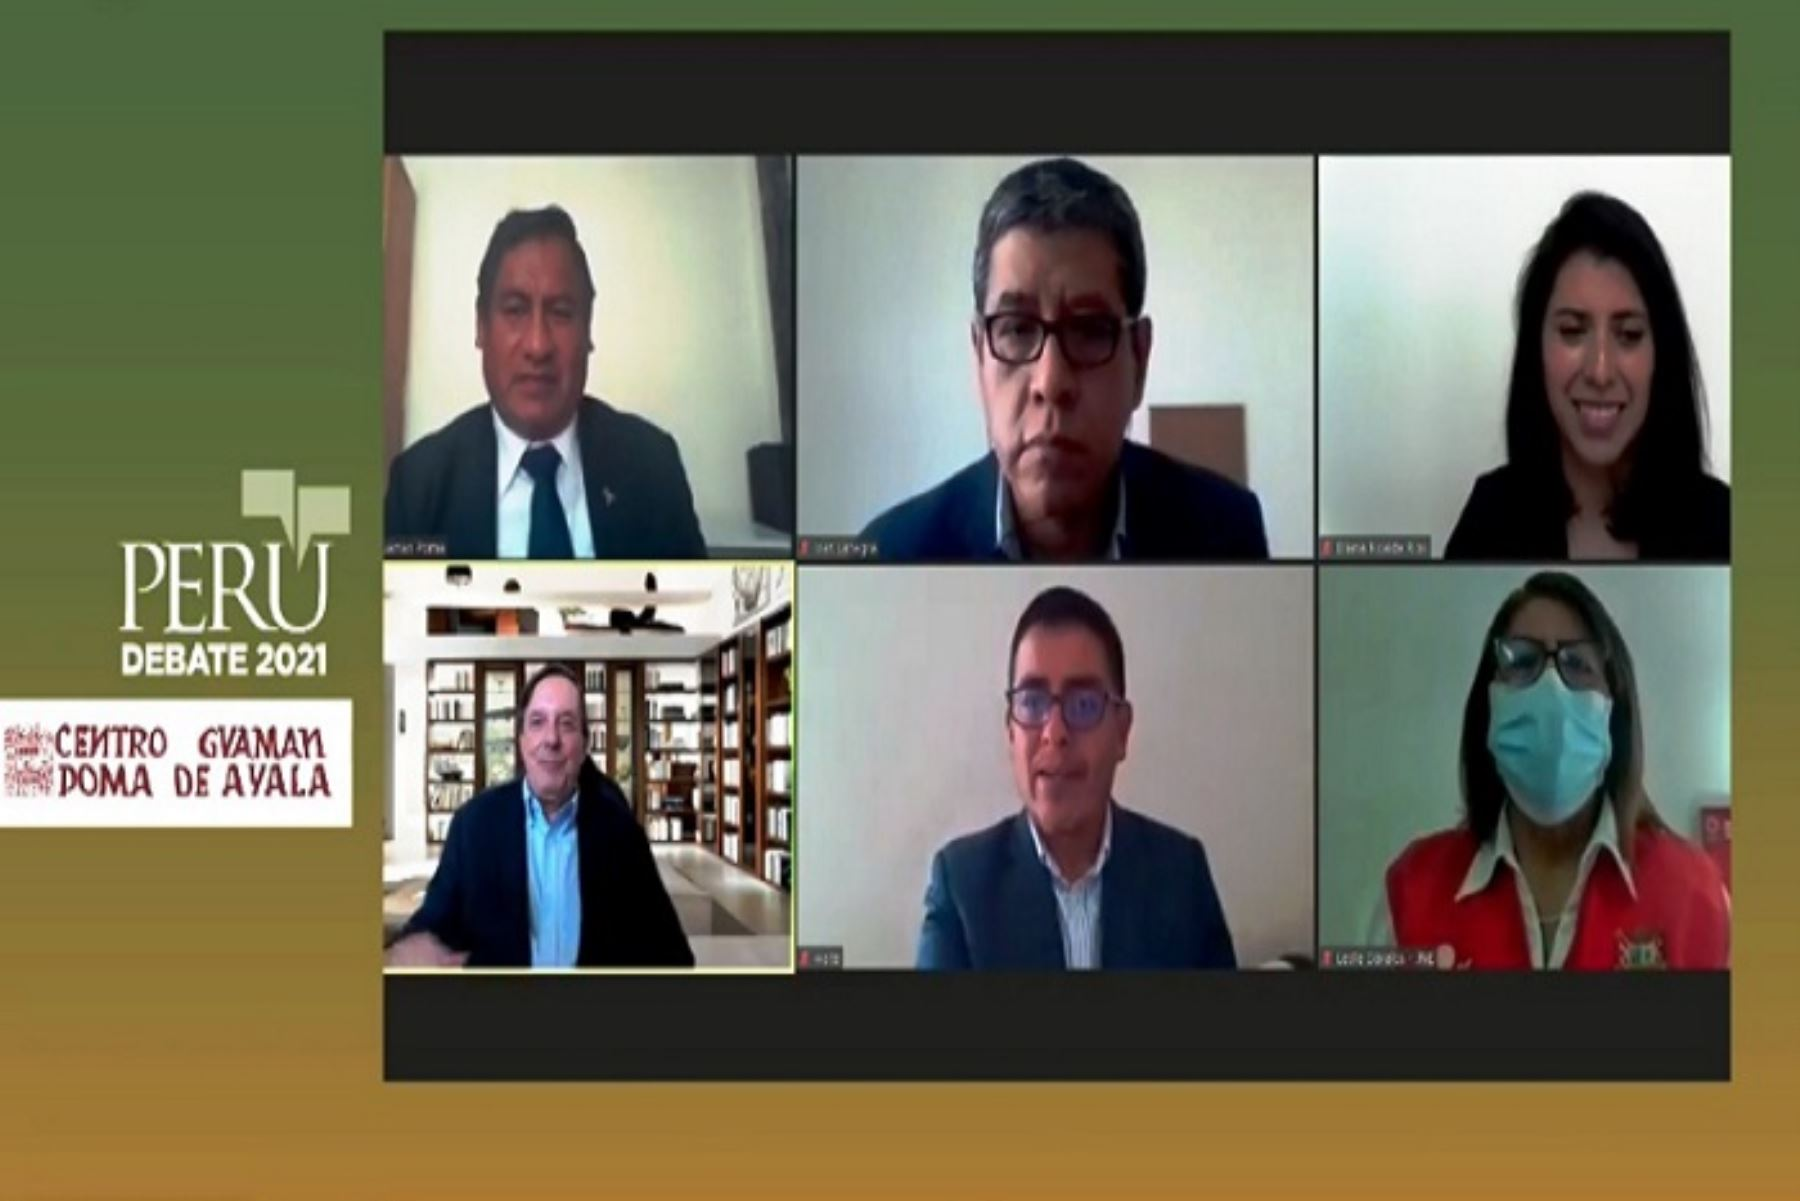 EL seminario Perú Debate 2021 es coorganizado con el Centro Guaman Poma de Ayala dela región Cusco.